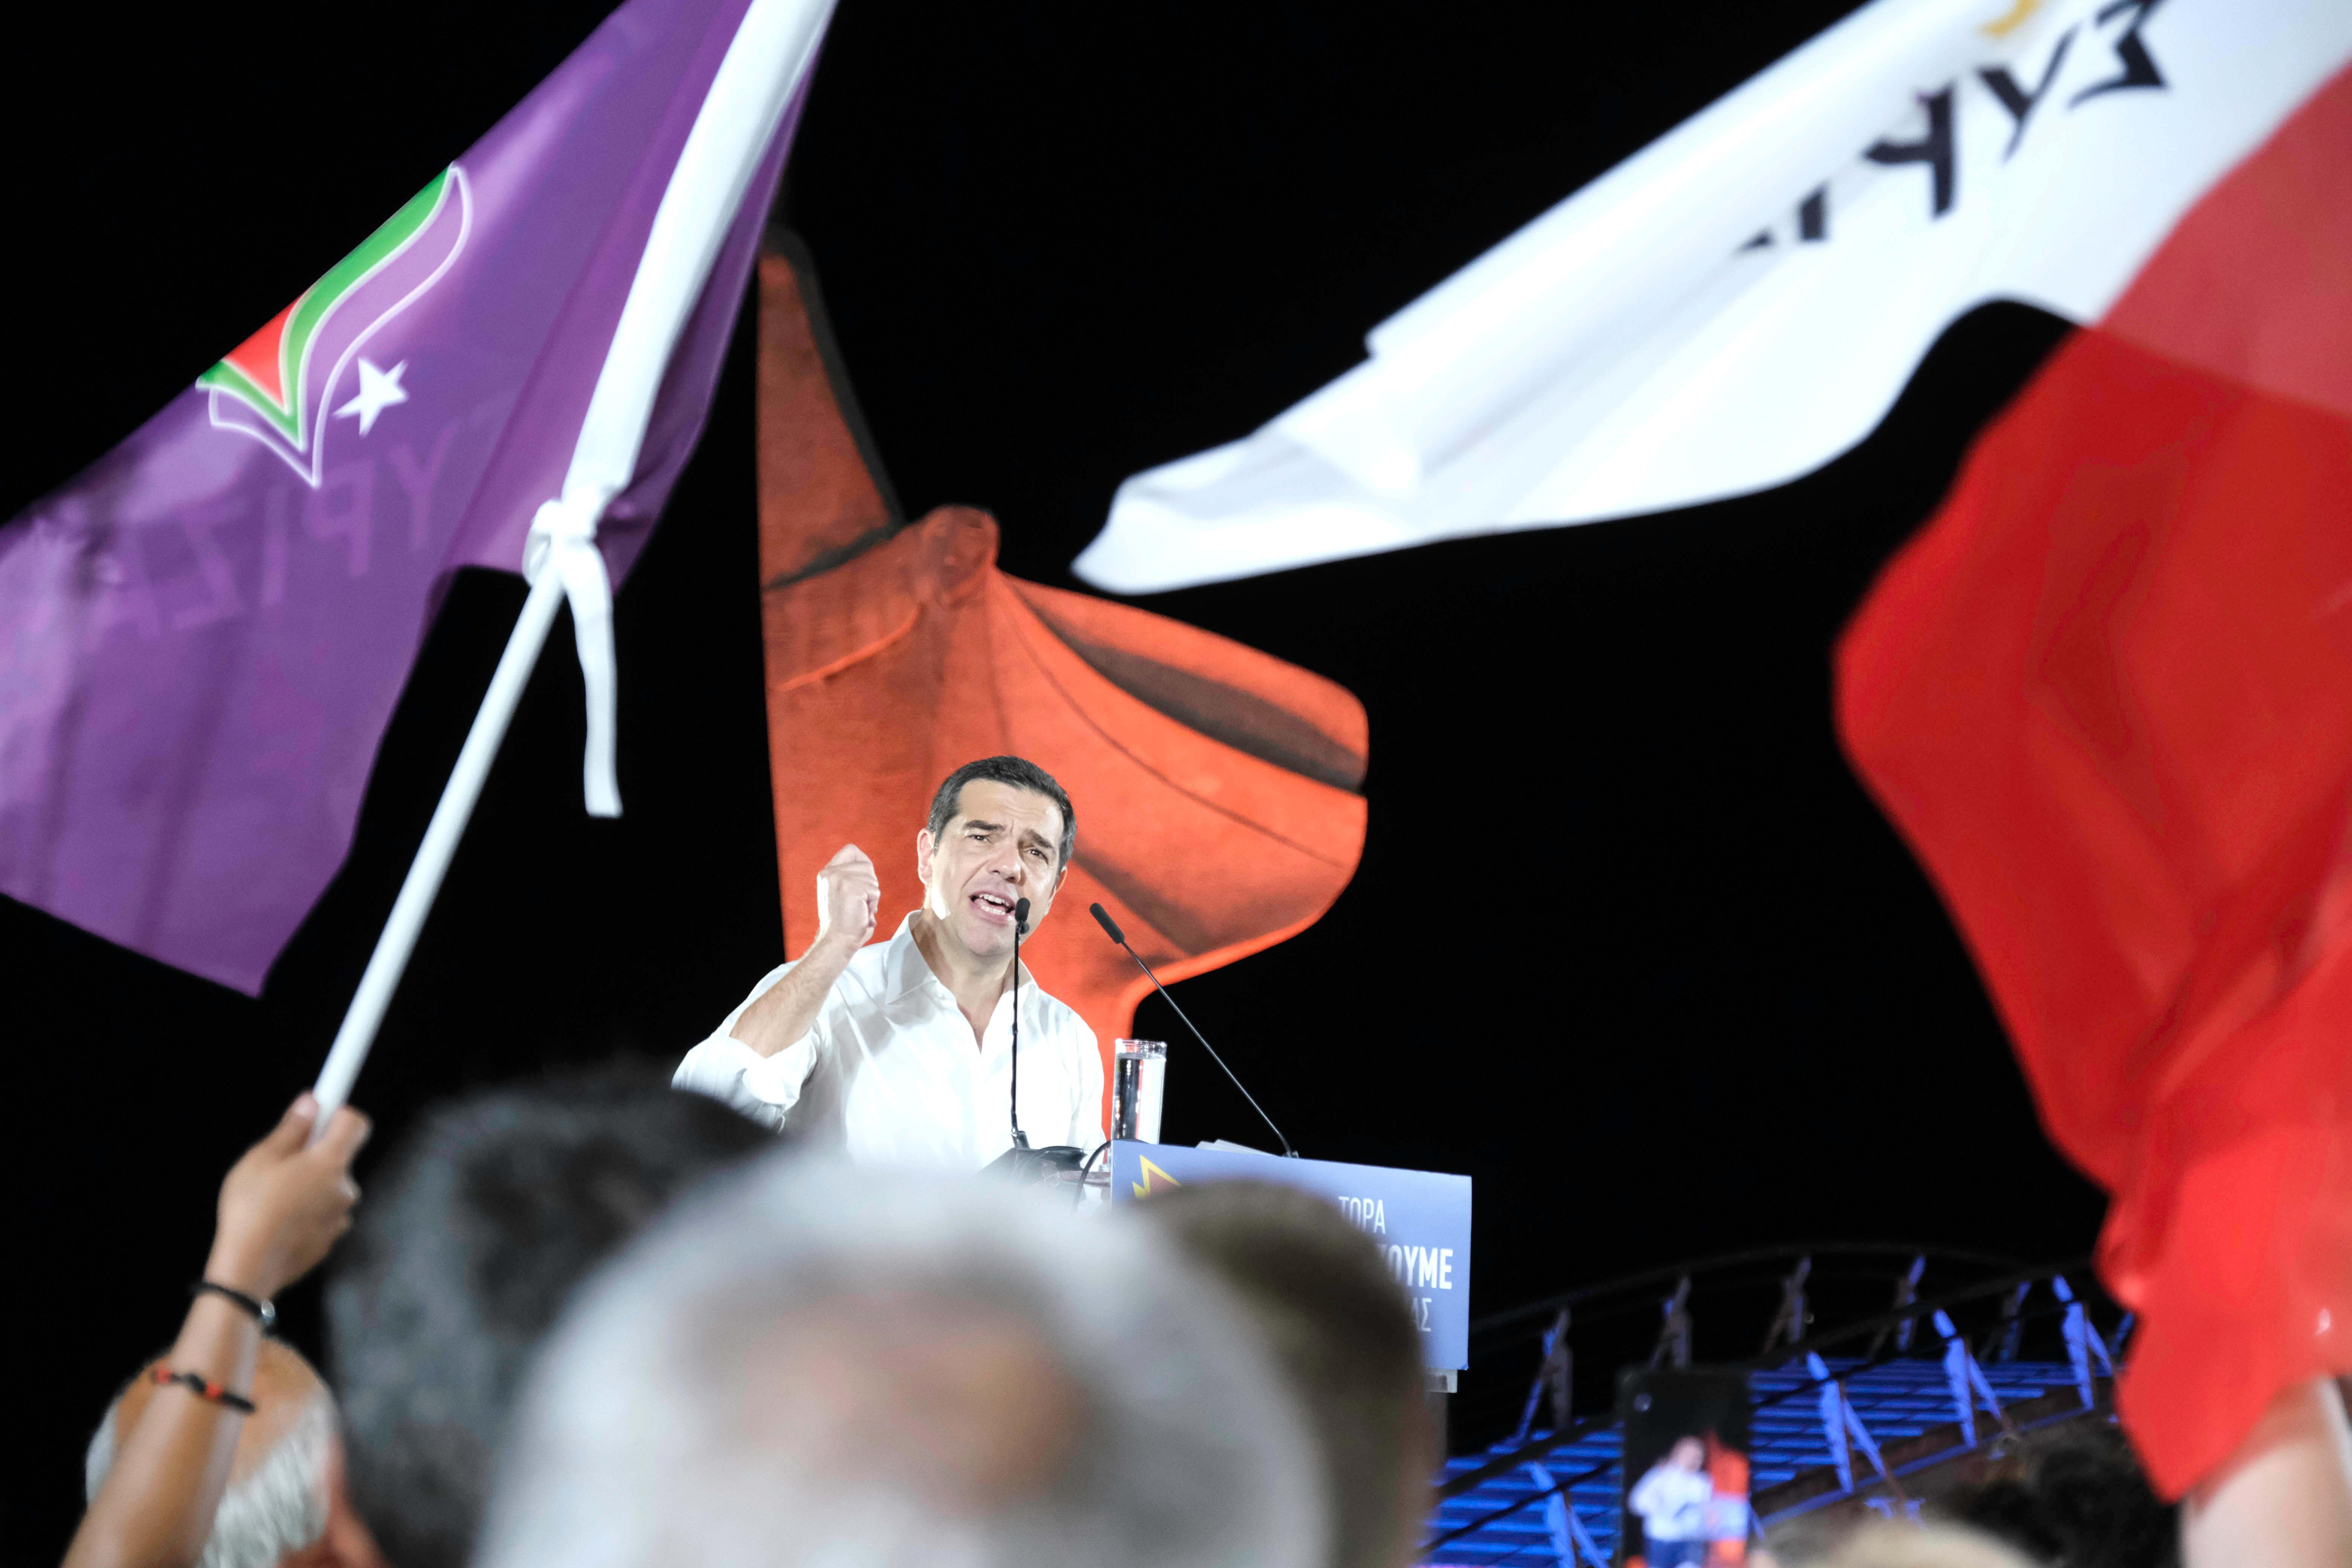 Η πόλωση που δεν ήρθε οδήγησε τον Τσίπρα σε ΣKAI και επίθεση σε Κώστα Καραμανλή | Newsit.gr